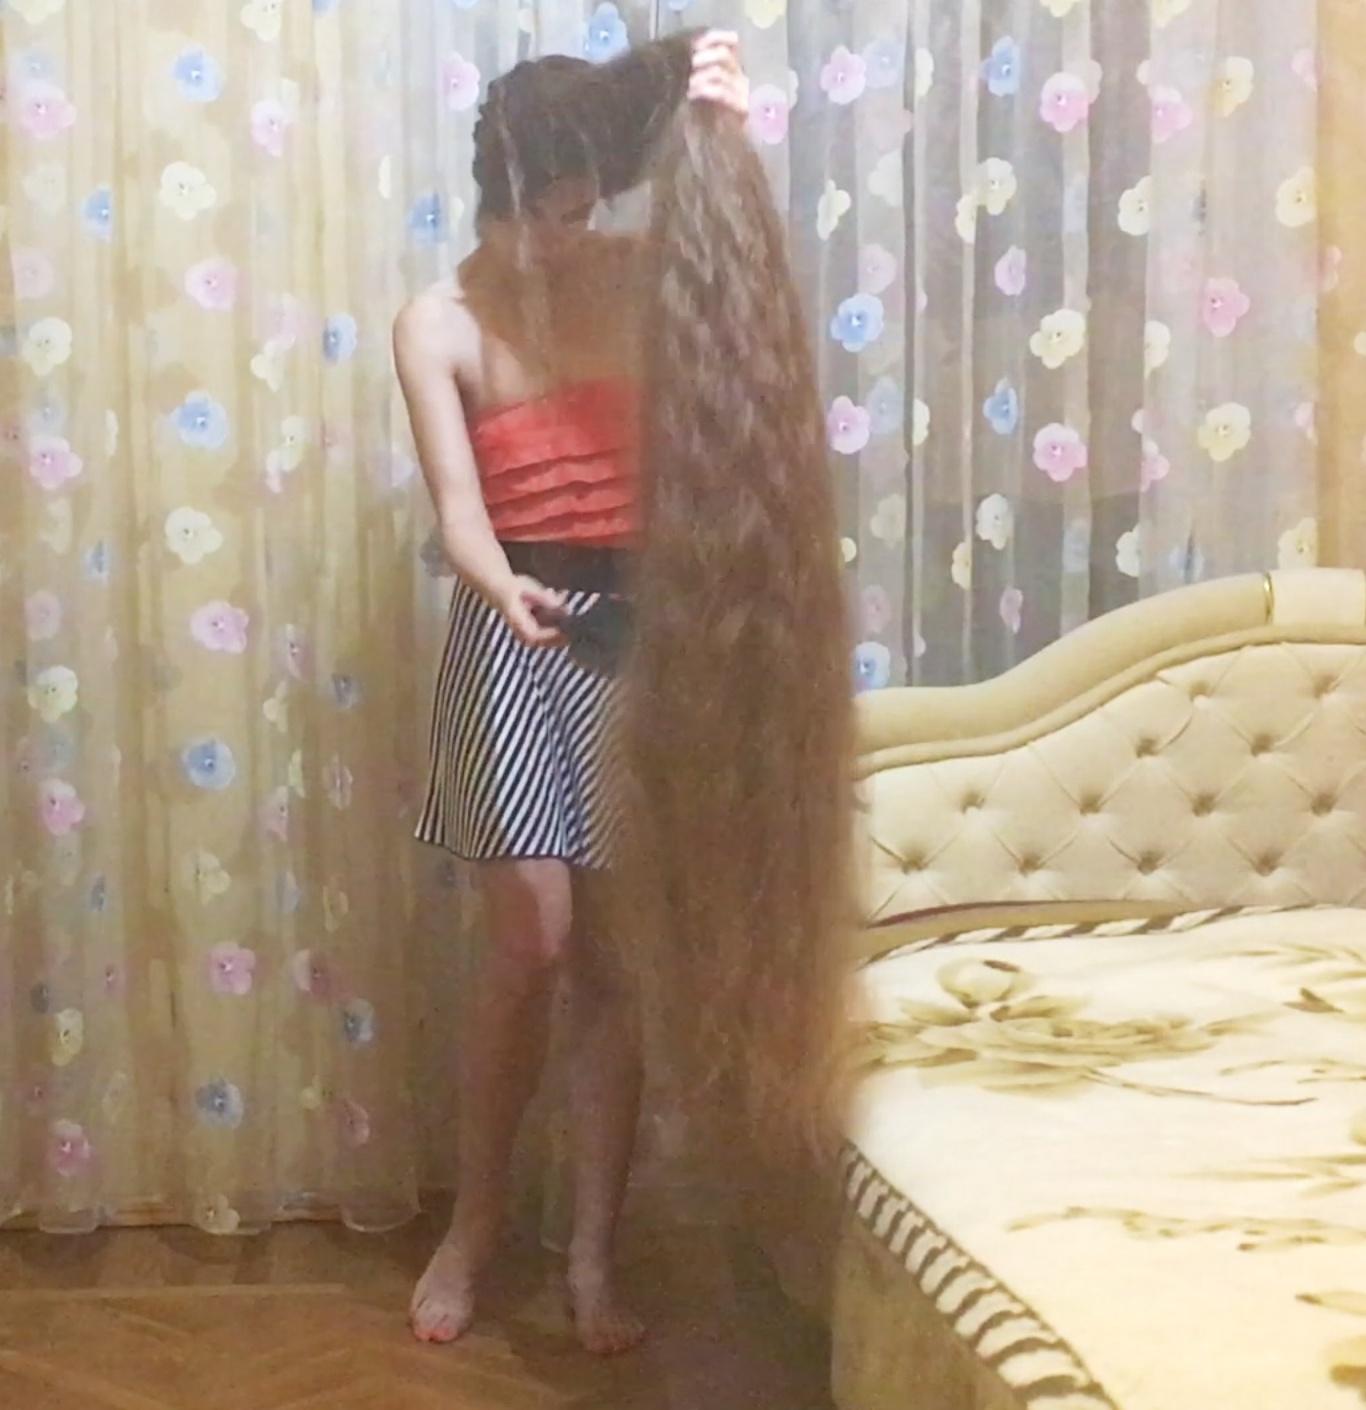 VIDEO - Massive braid release